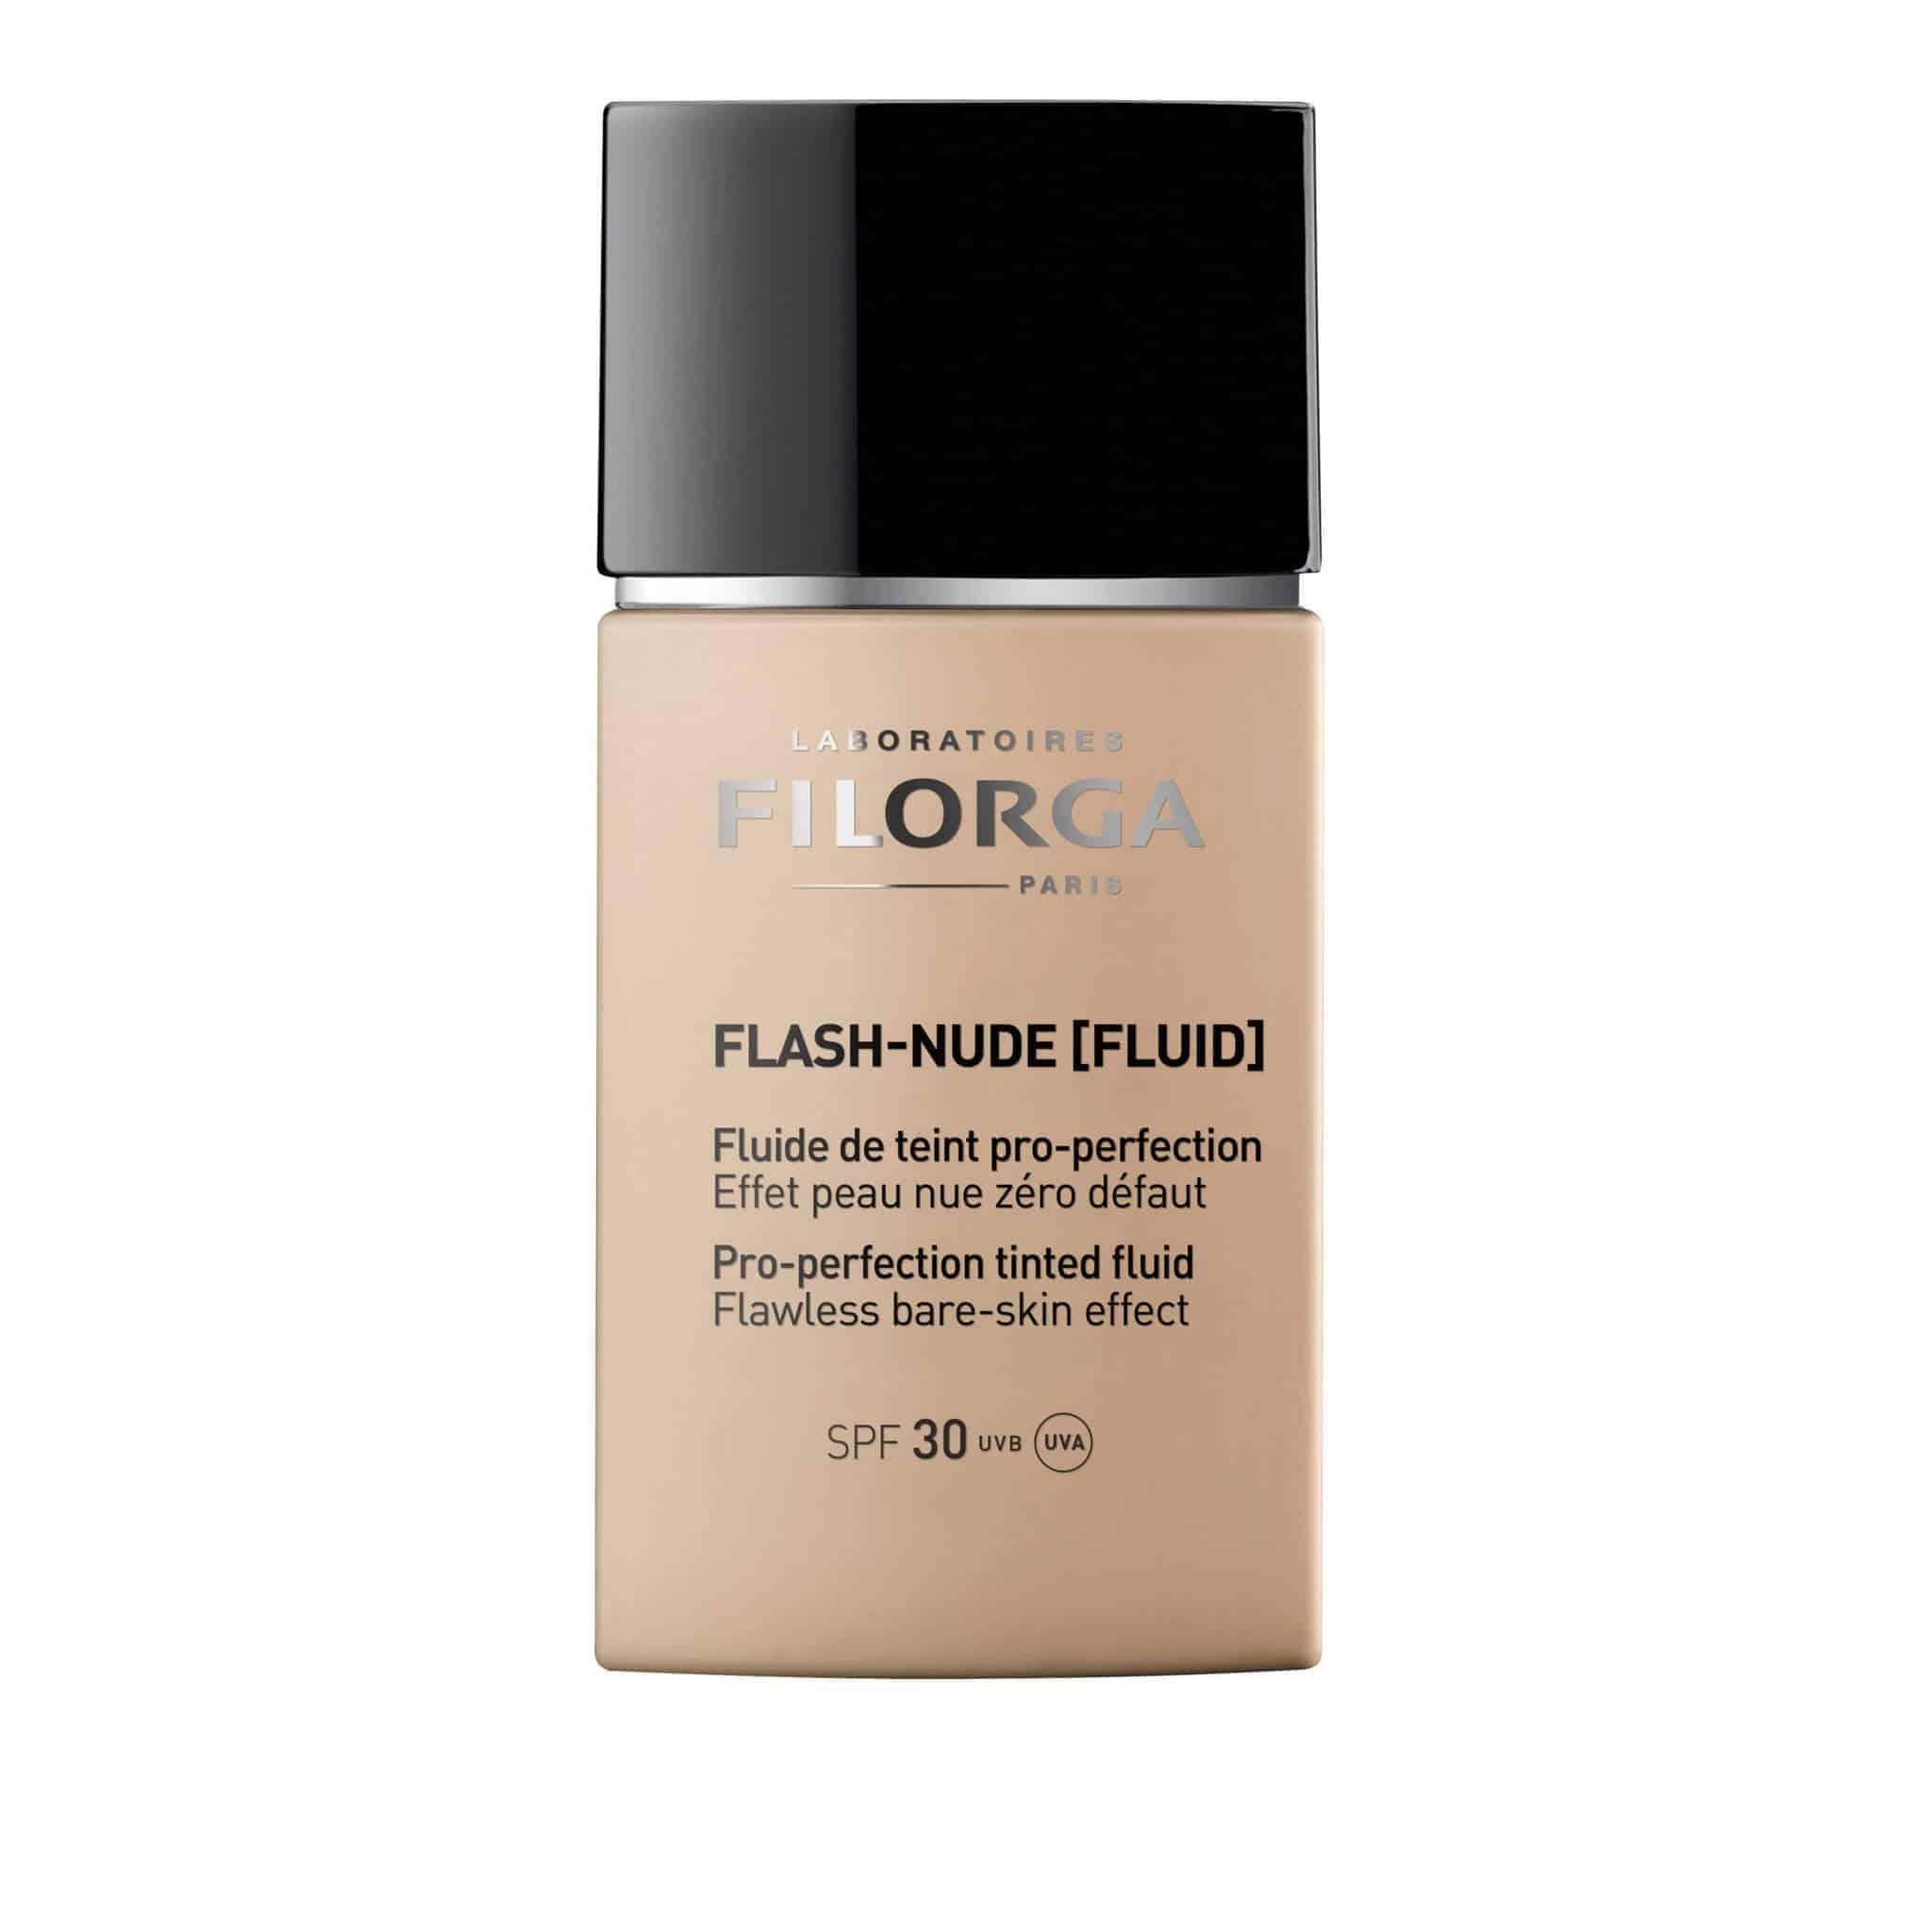 Filorga Flash-Nude Fluid Flüssige Foundation bestellen